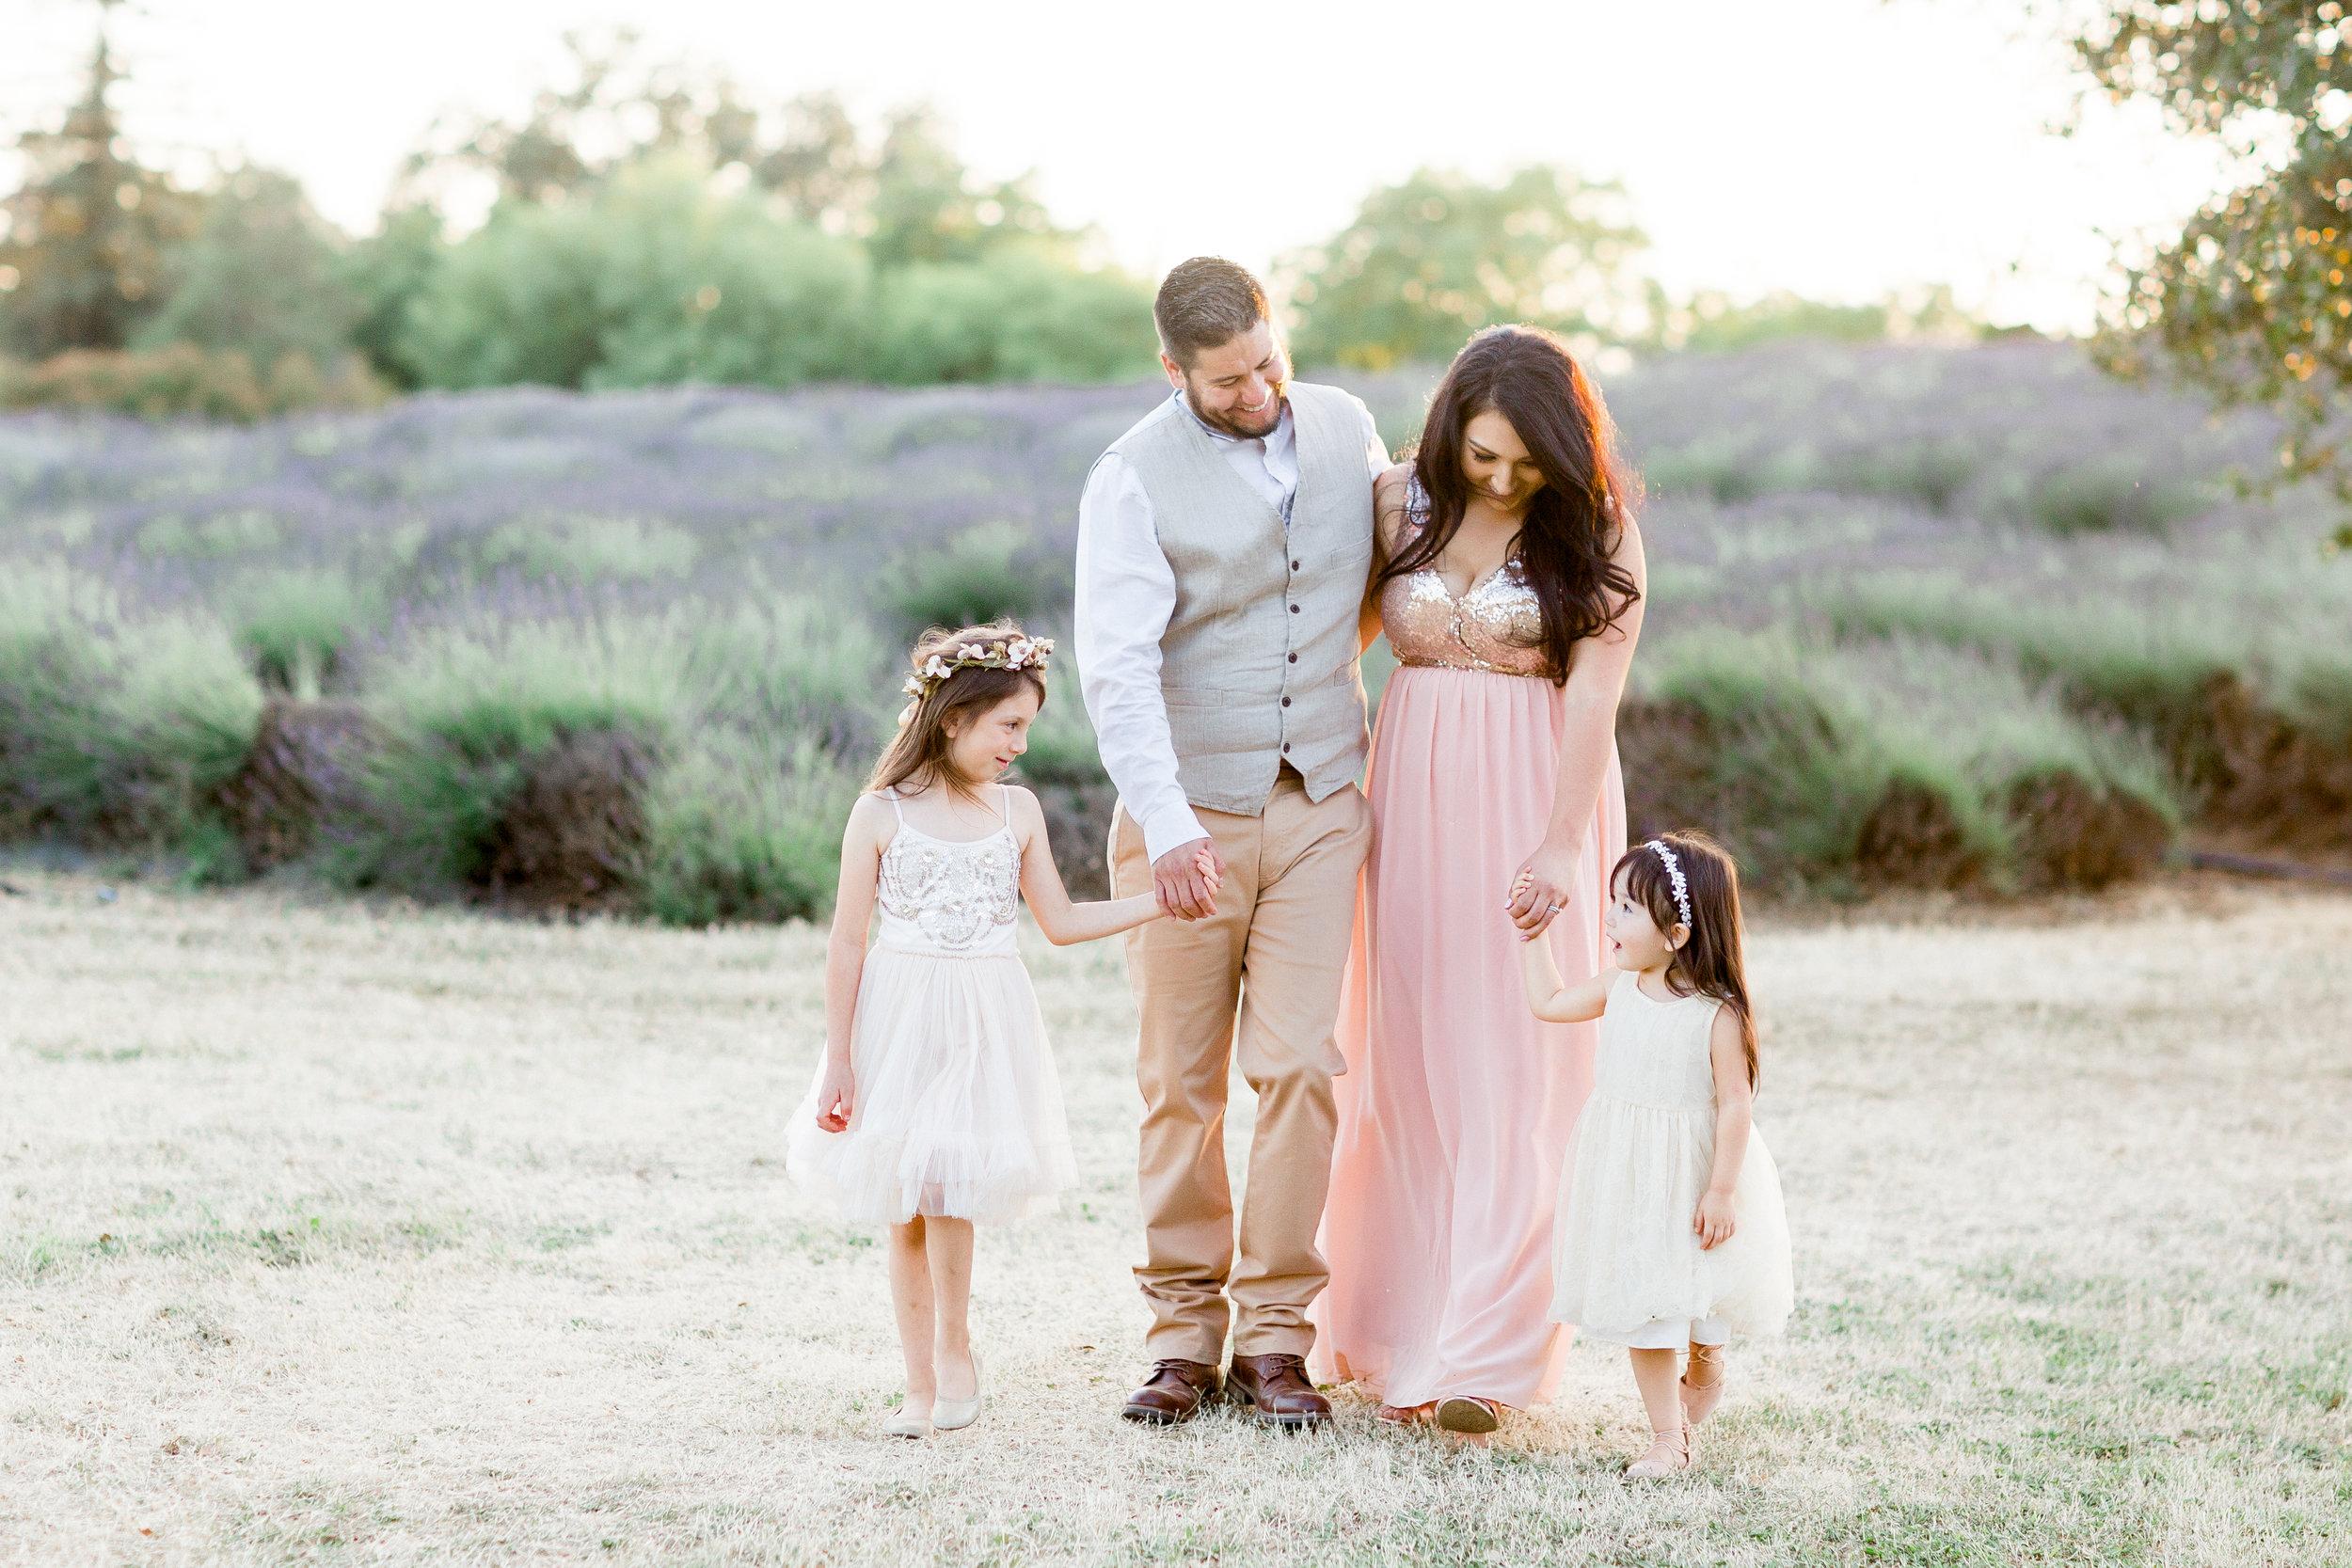 LavenderRanch-California-Family-Photos-1.jpg